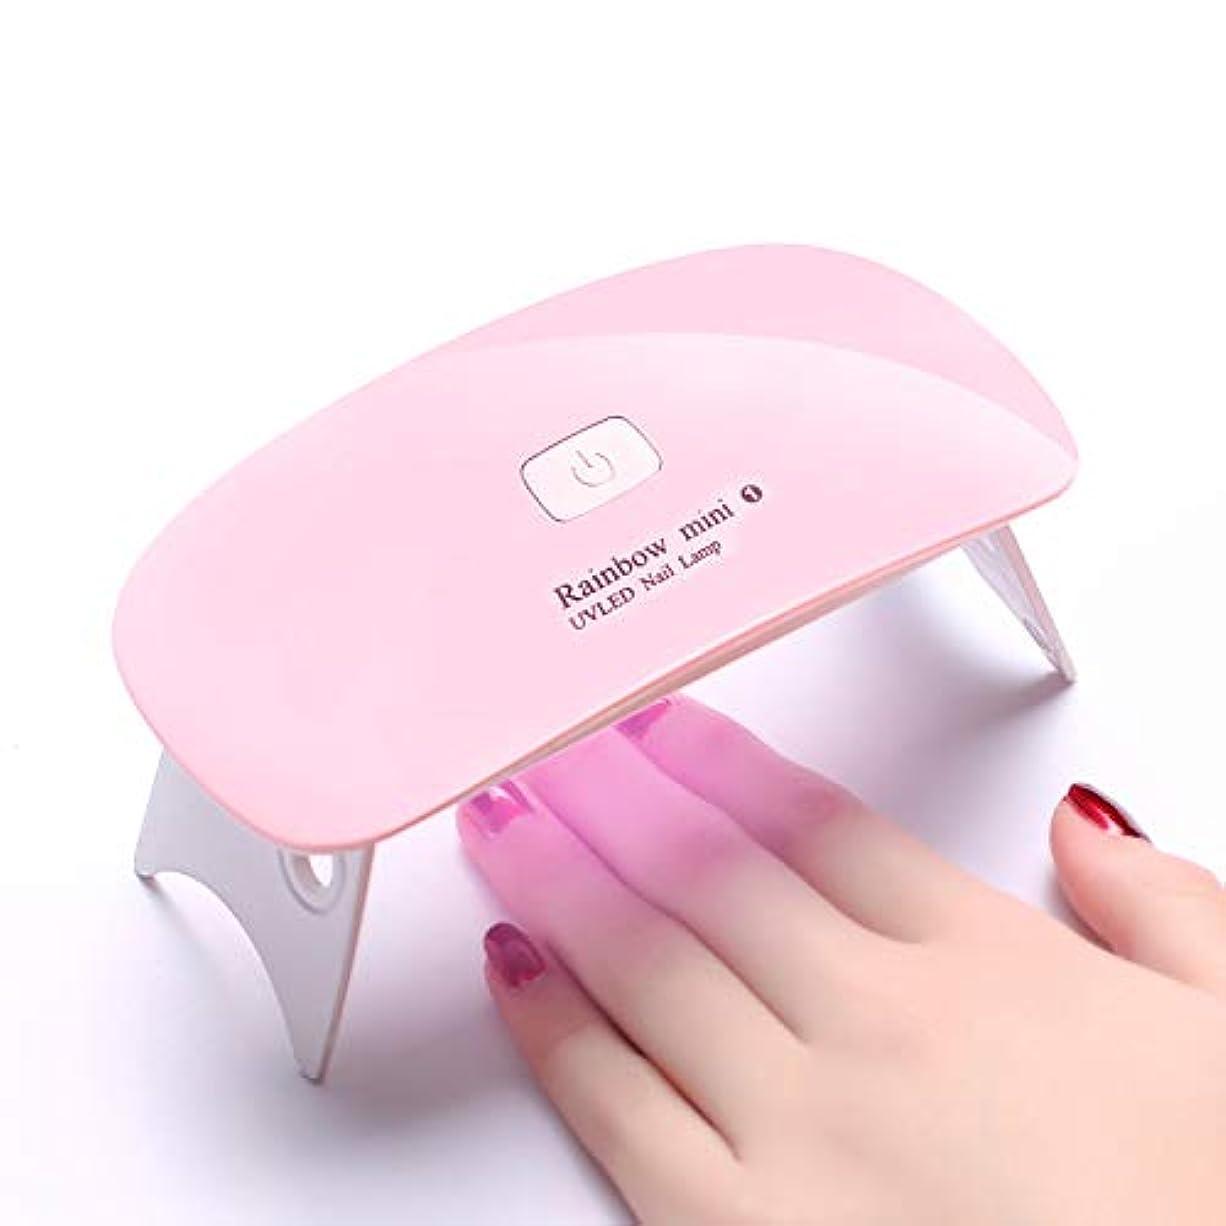 ハンバーガー神経テニスLEDネイルドライヤー UVライトRaintern タイマー設定可能 折りたたみ式手足とも使える 人感センサー式 LED 硬化ライト UV と LEDダブルライト ジェルネイル用 ピンク